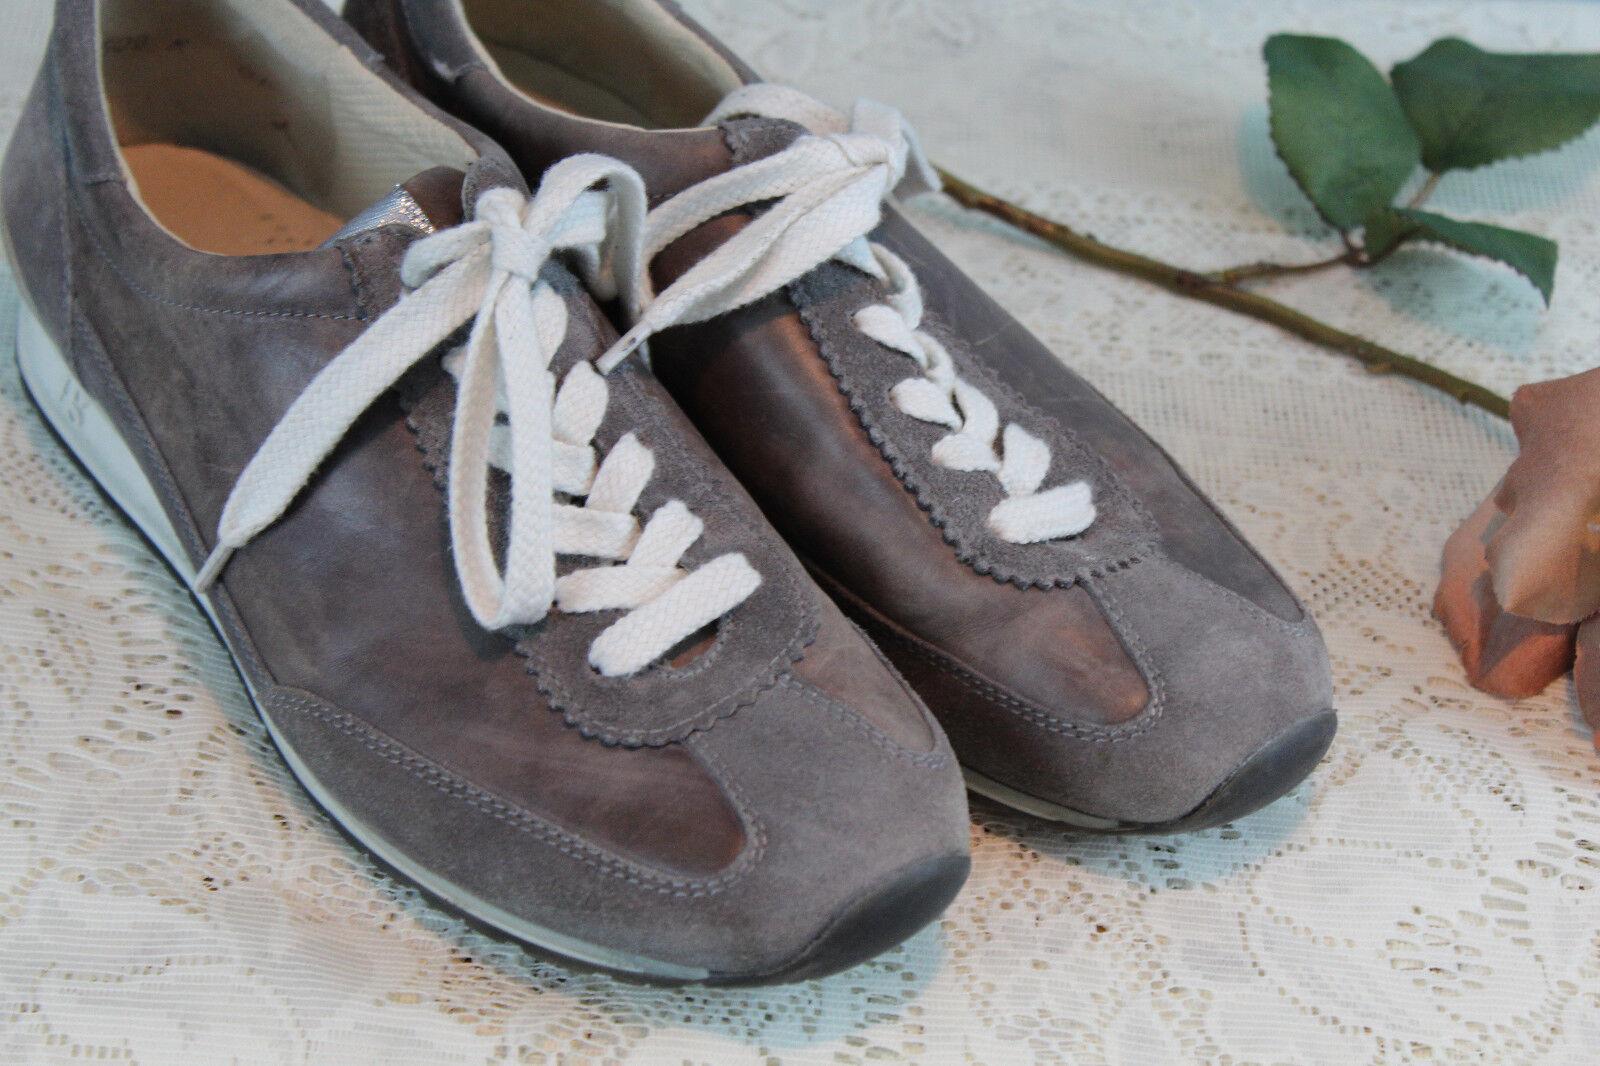 Paul verde-MUNCHEN gris Gamuza Cuero Con Cordones Casual Tenis Tenis Tenis Zapatos, Para Mujer 5  precios razonables